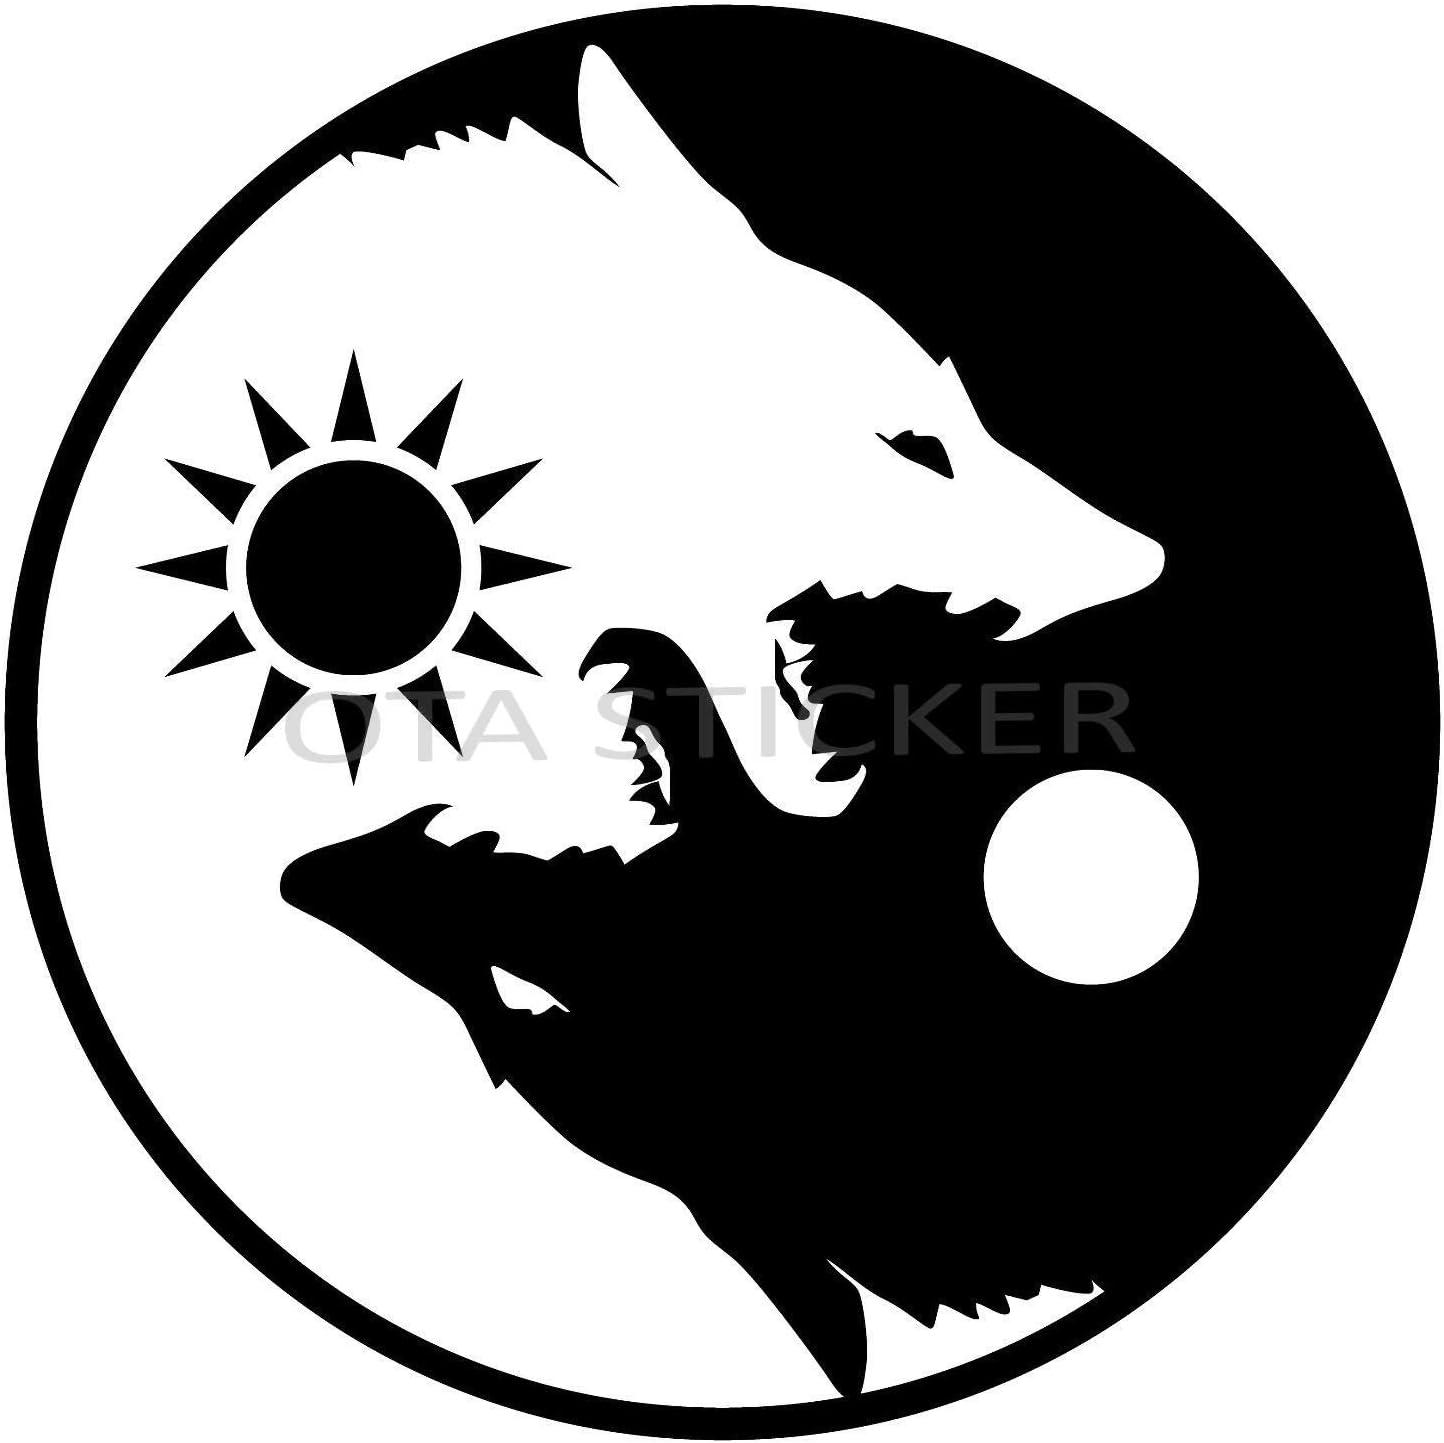 Aufkleber Yin Yang Wolf Schwarz Weiß 2er Pack Aufkleber Symbol Für Auto Fenster Lkw Motorrad Chopper Van Suv Ppv Scrapbook Telefon Gehäuse Laptop Tür Helm Gepäck Küche Haushalt